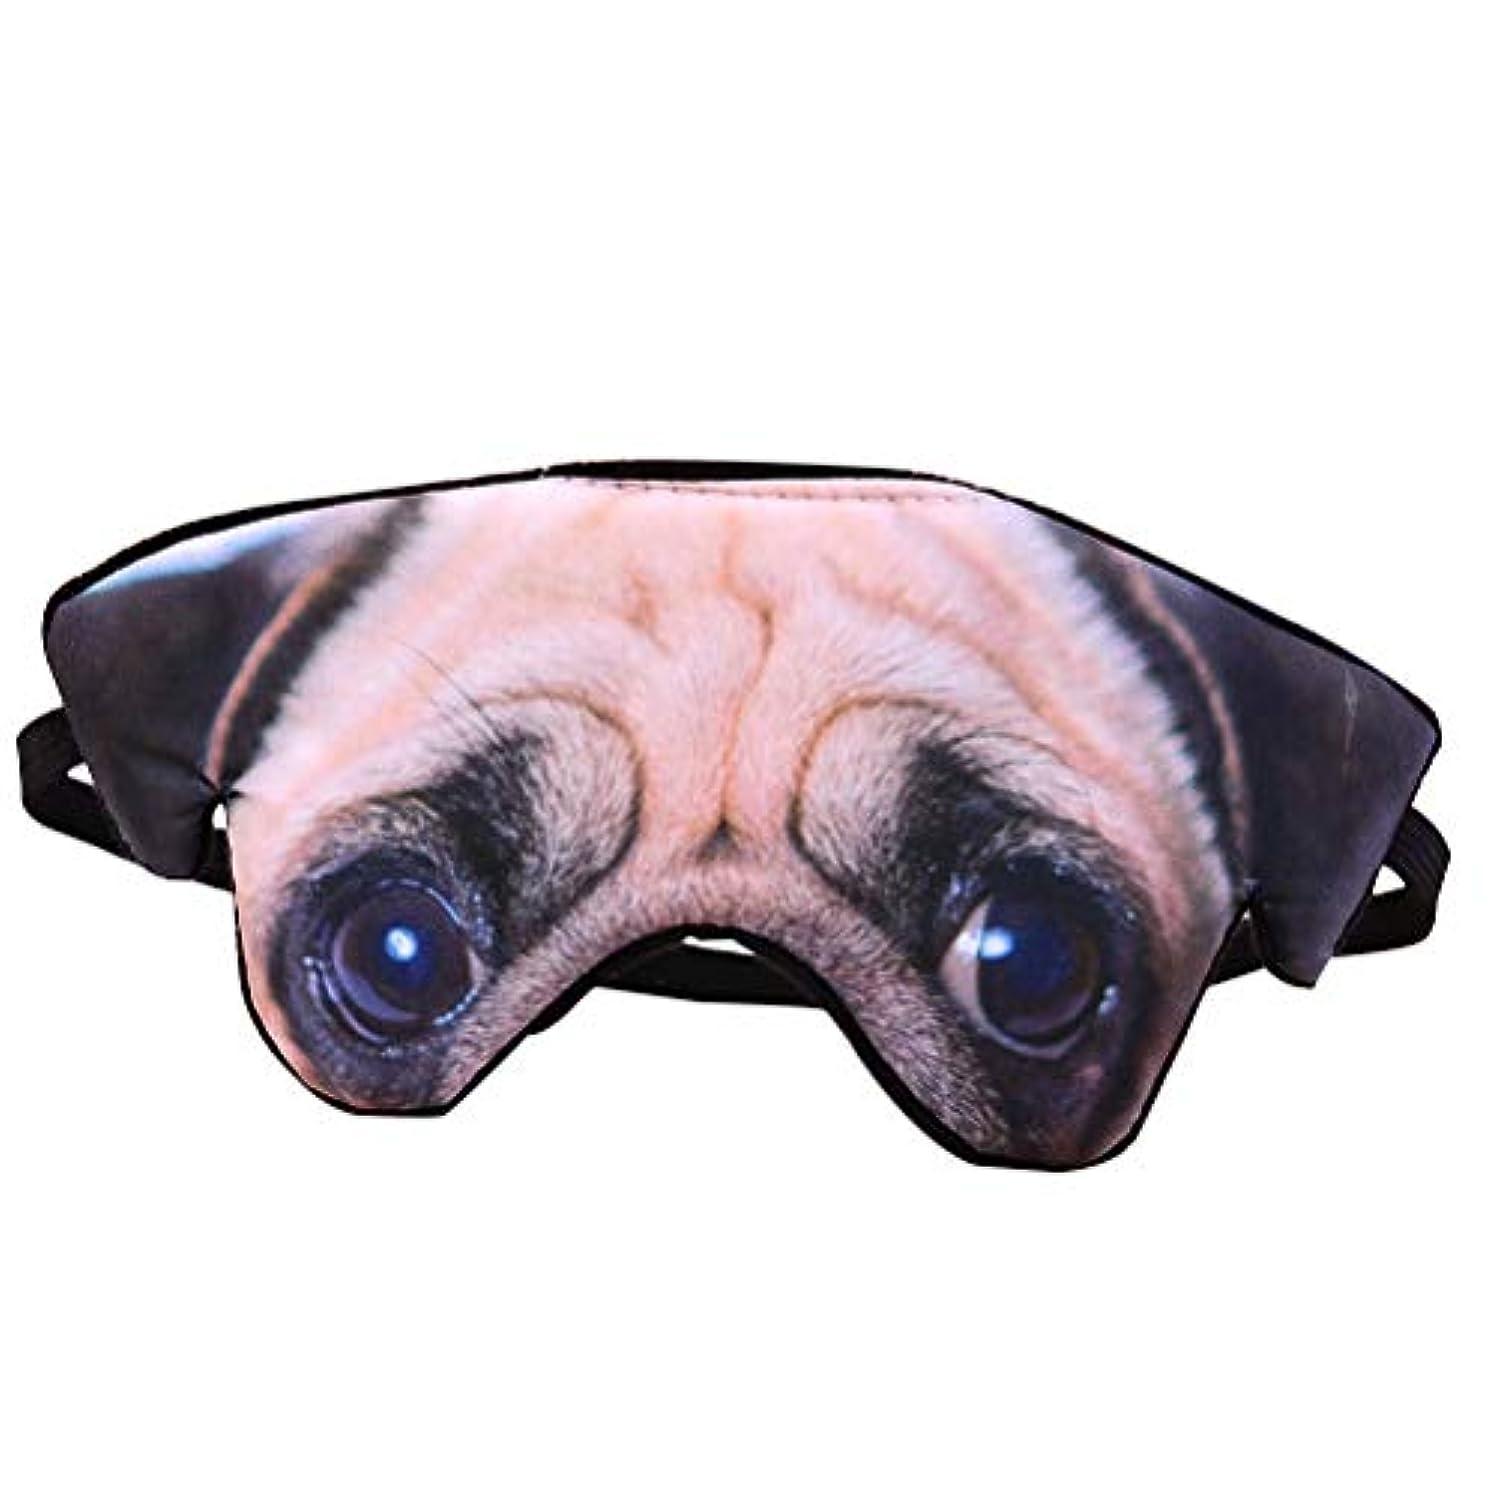 に付ける名誉あるペインティングHEALIFTY 睡眠目隠し3D犬のパターンアイマスクファニーシェードナップカバー目隠し睡眠マスク目の眠りゴーグル(Pug)